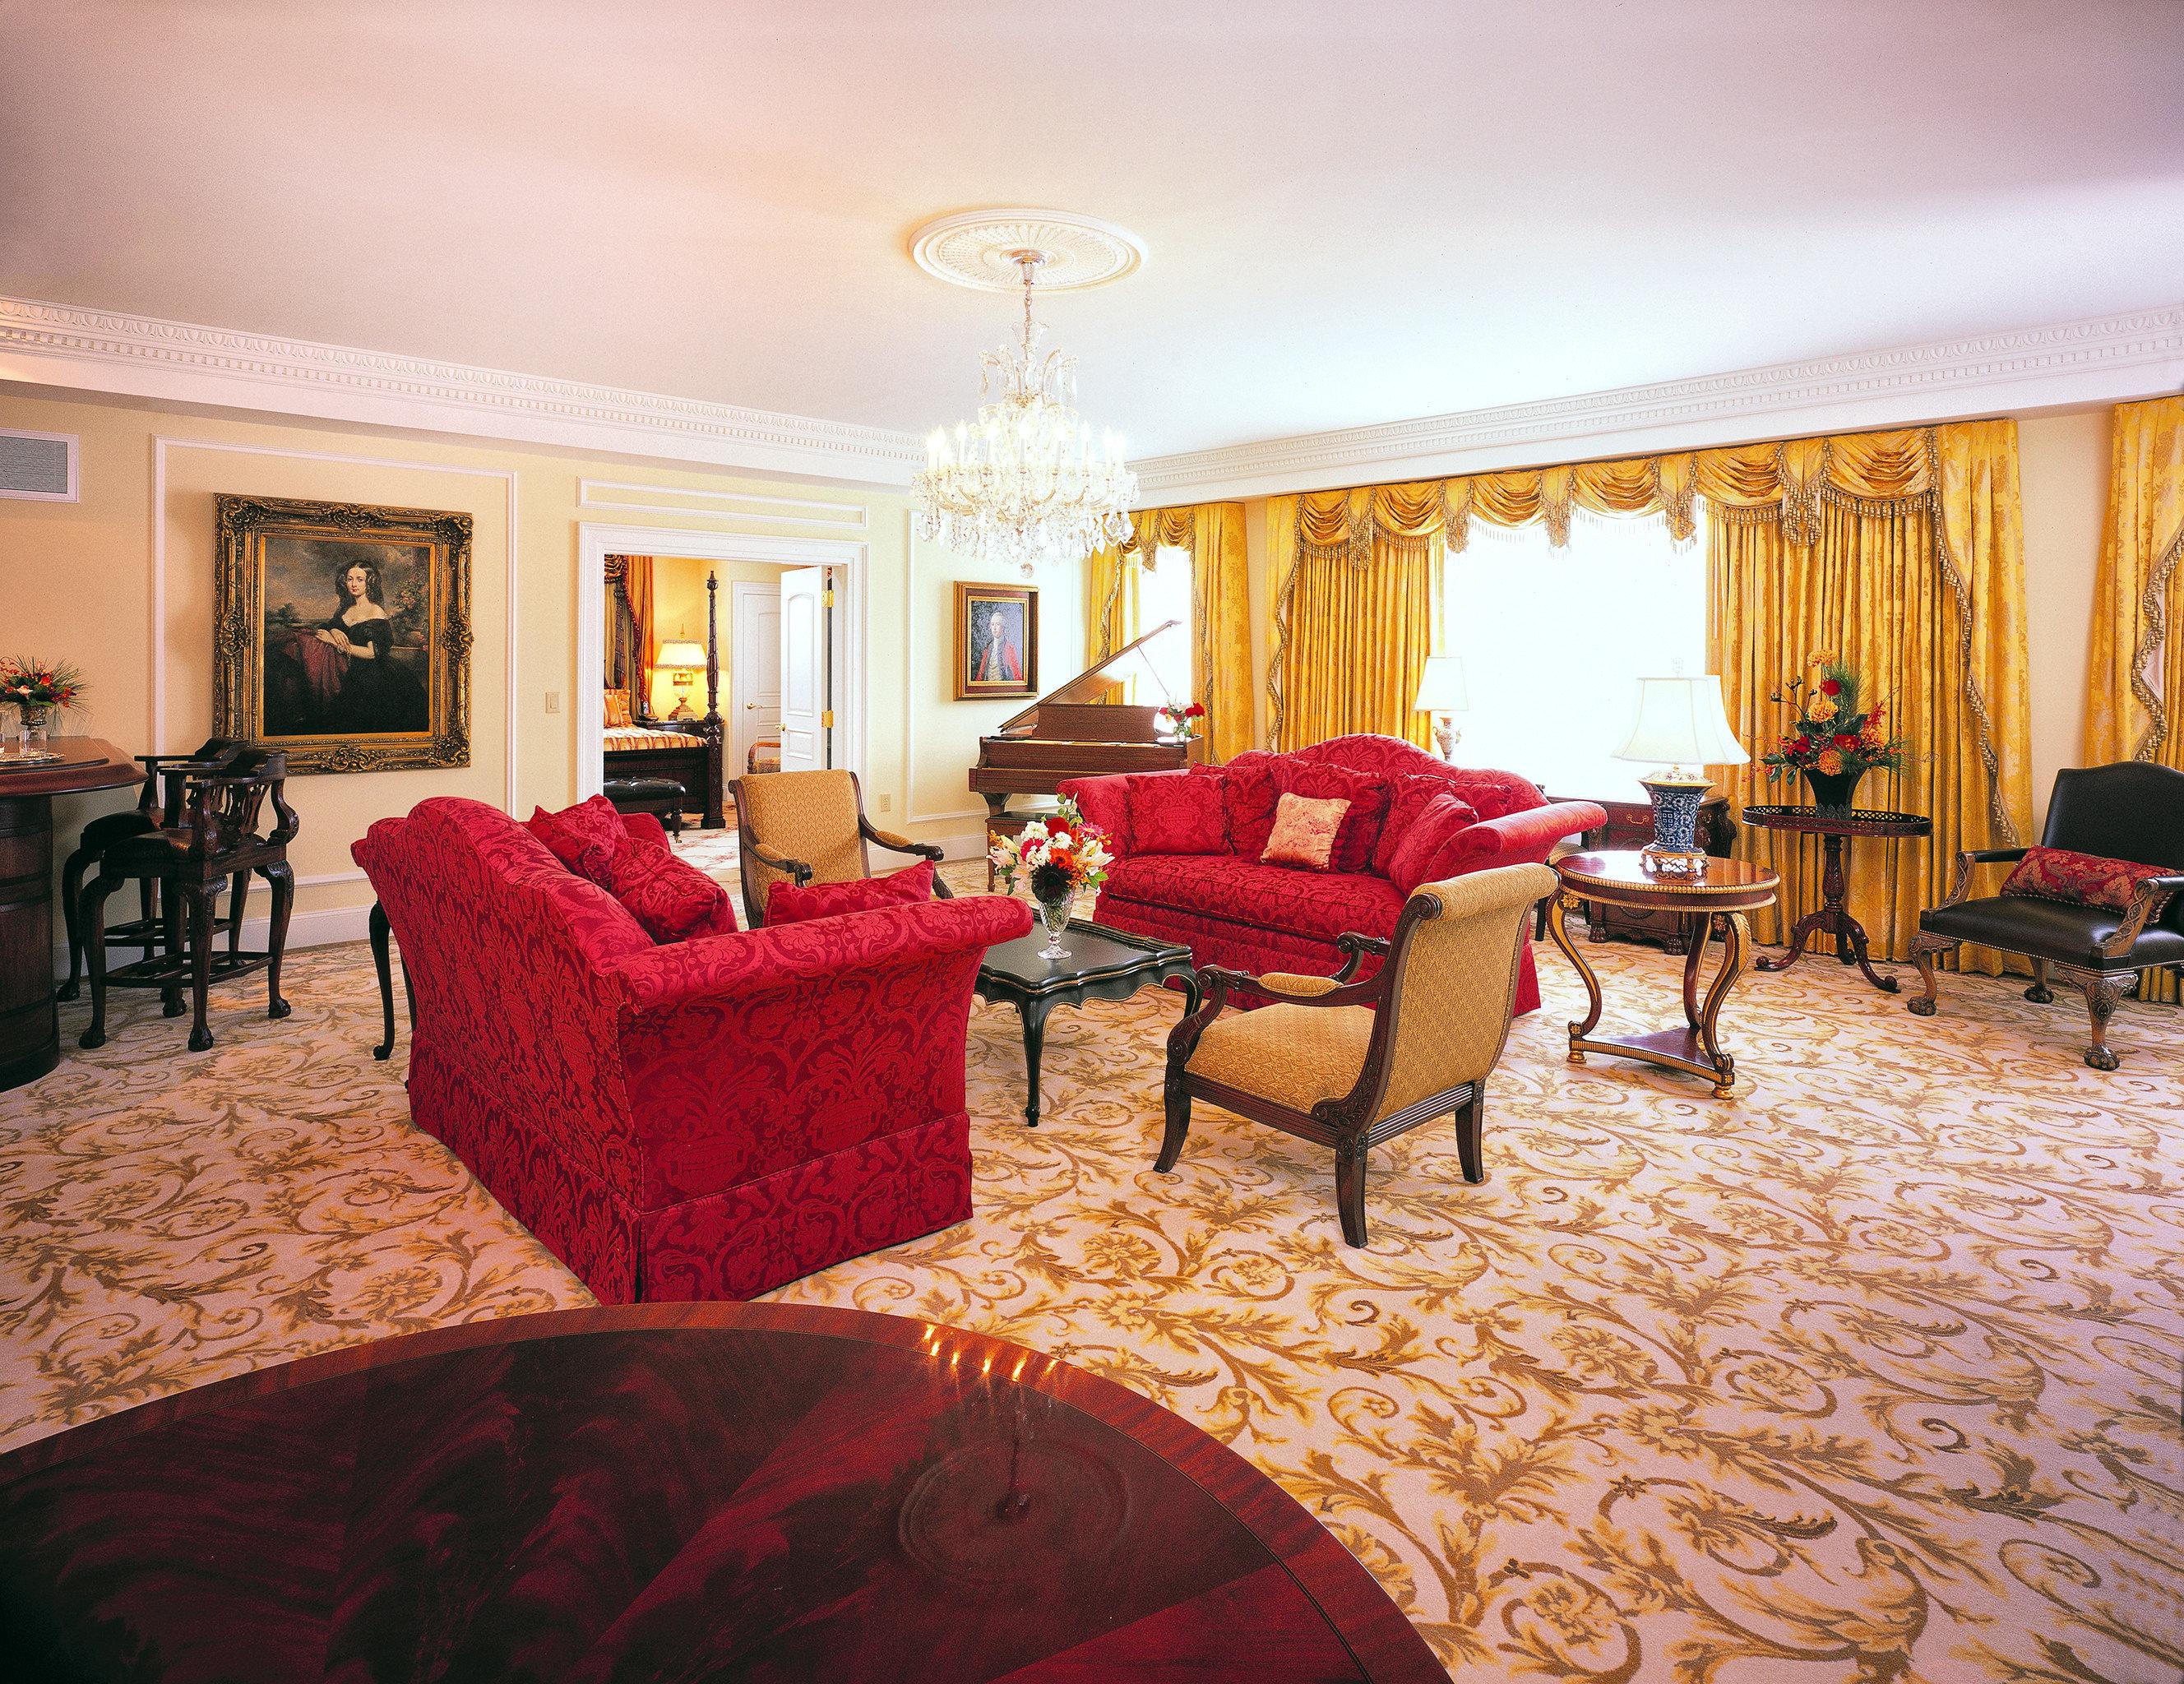 Historic Lounge Luxury sofa property Suite red living room Resort hardwood home Villa cottage mansion Bedroom